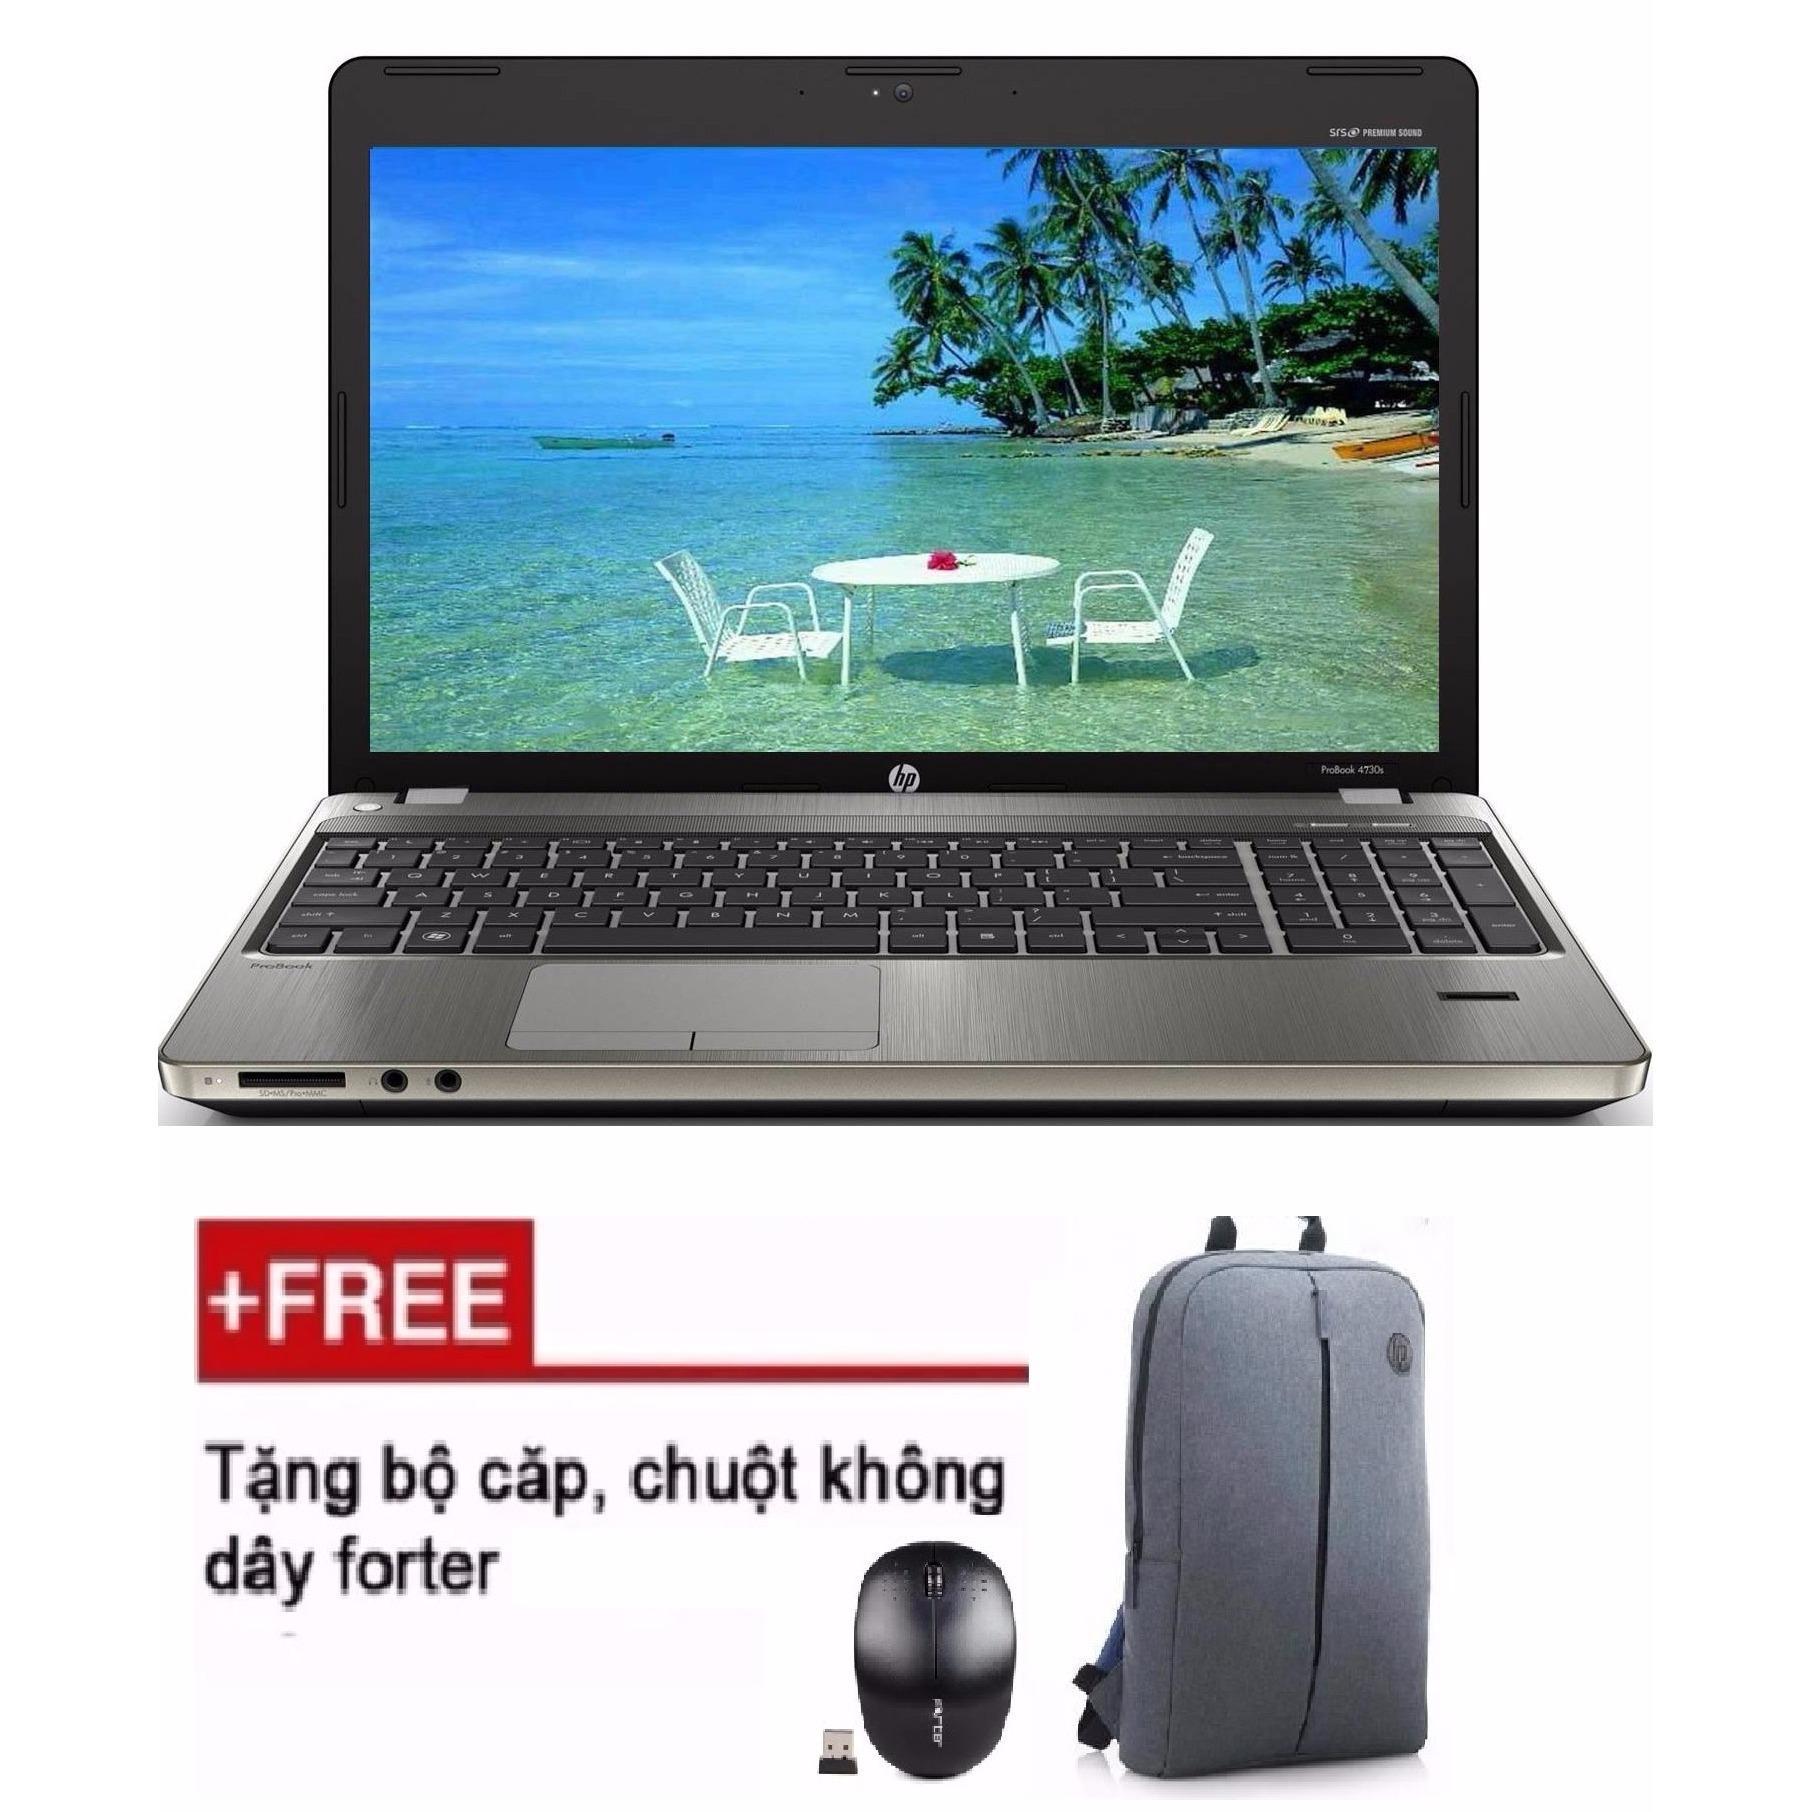 May Tinh Bang Lenovo Ideapad Miix 320 10Icr X5 Z8350 4Gb